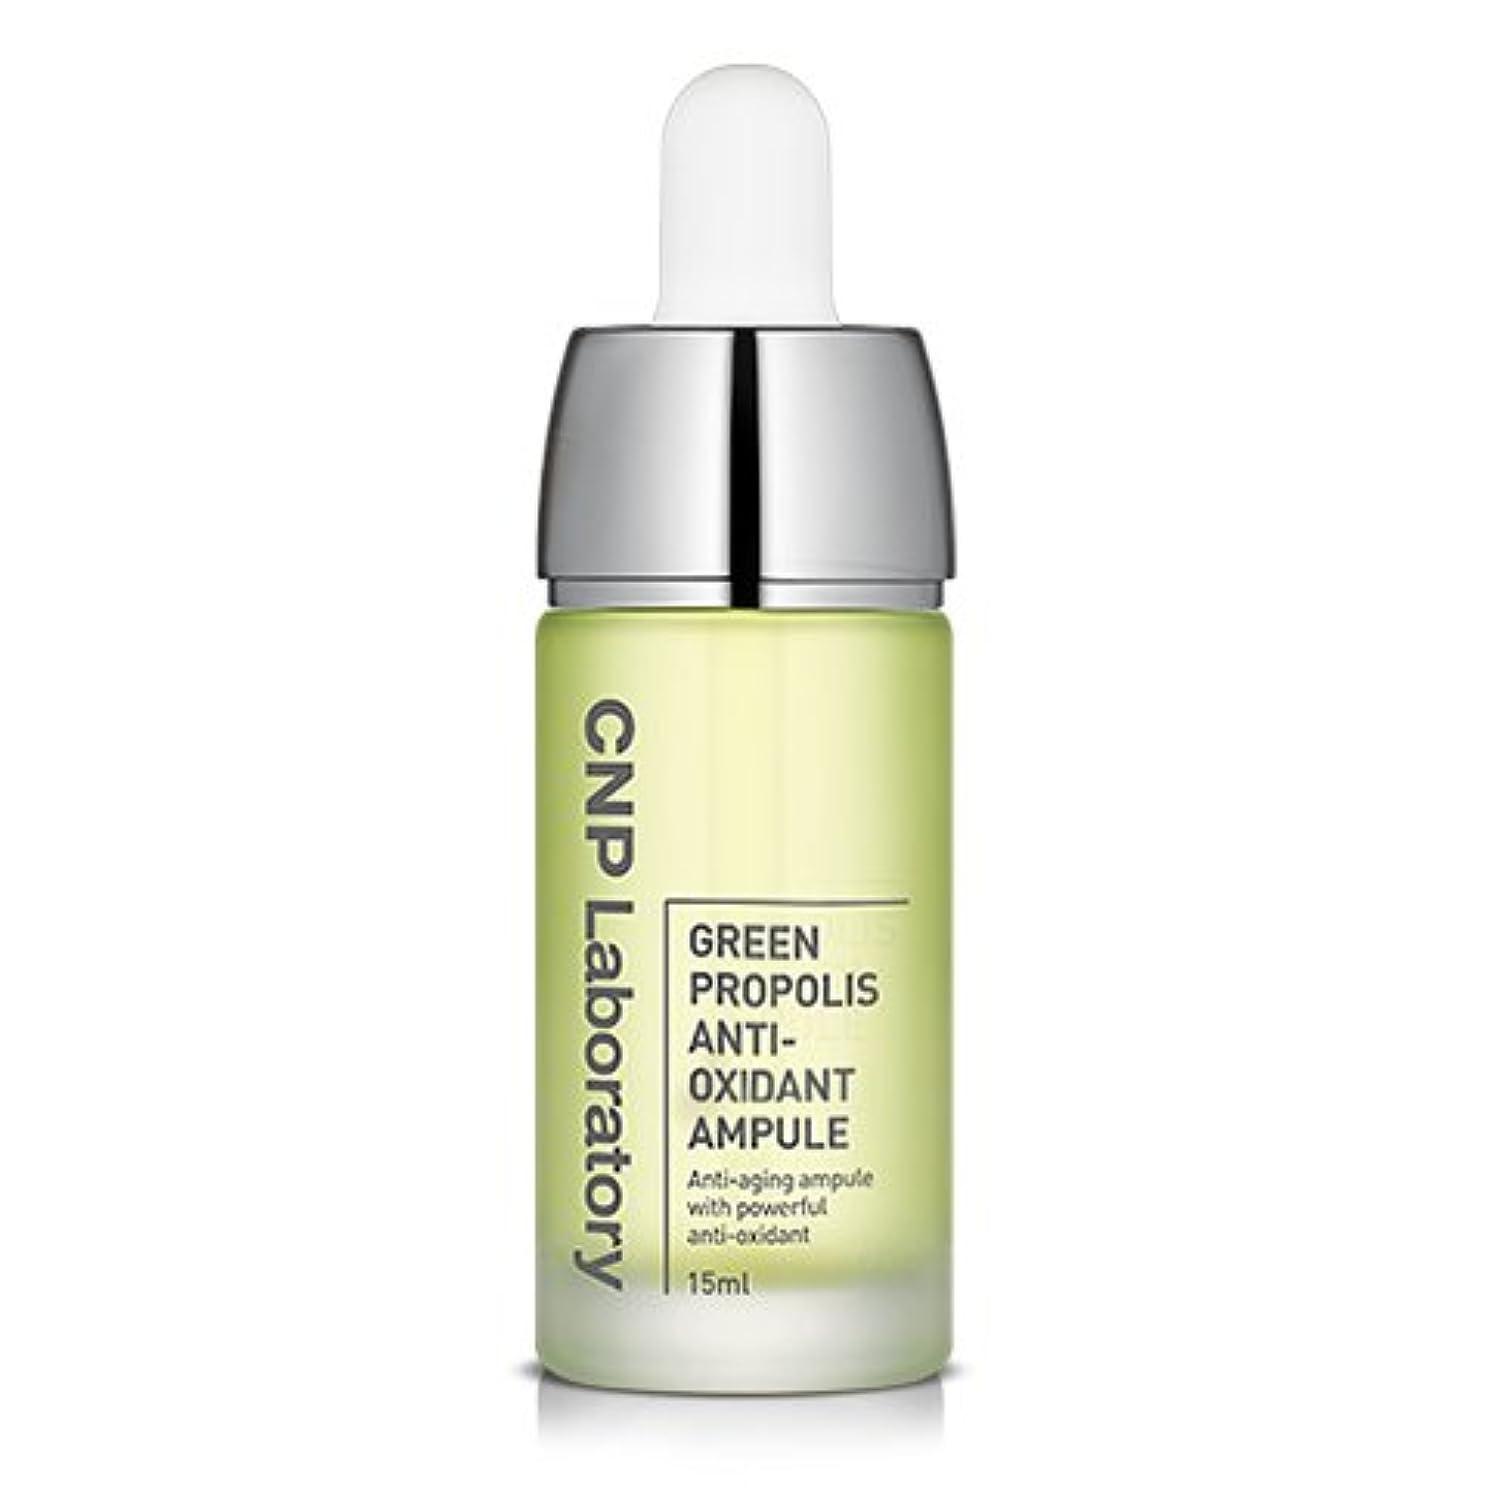 瞑想的名誉ばかげているCNP Laboratory グリーンプロポリス酸化防止剤アンプル/Green Propolis Anti-Oxidant Ampule 15ml [並行輸入品]